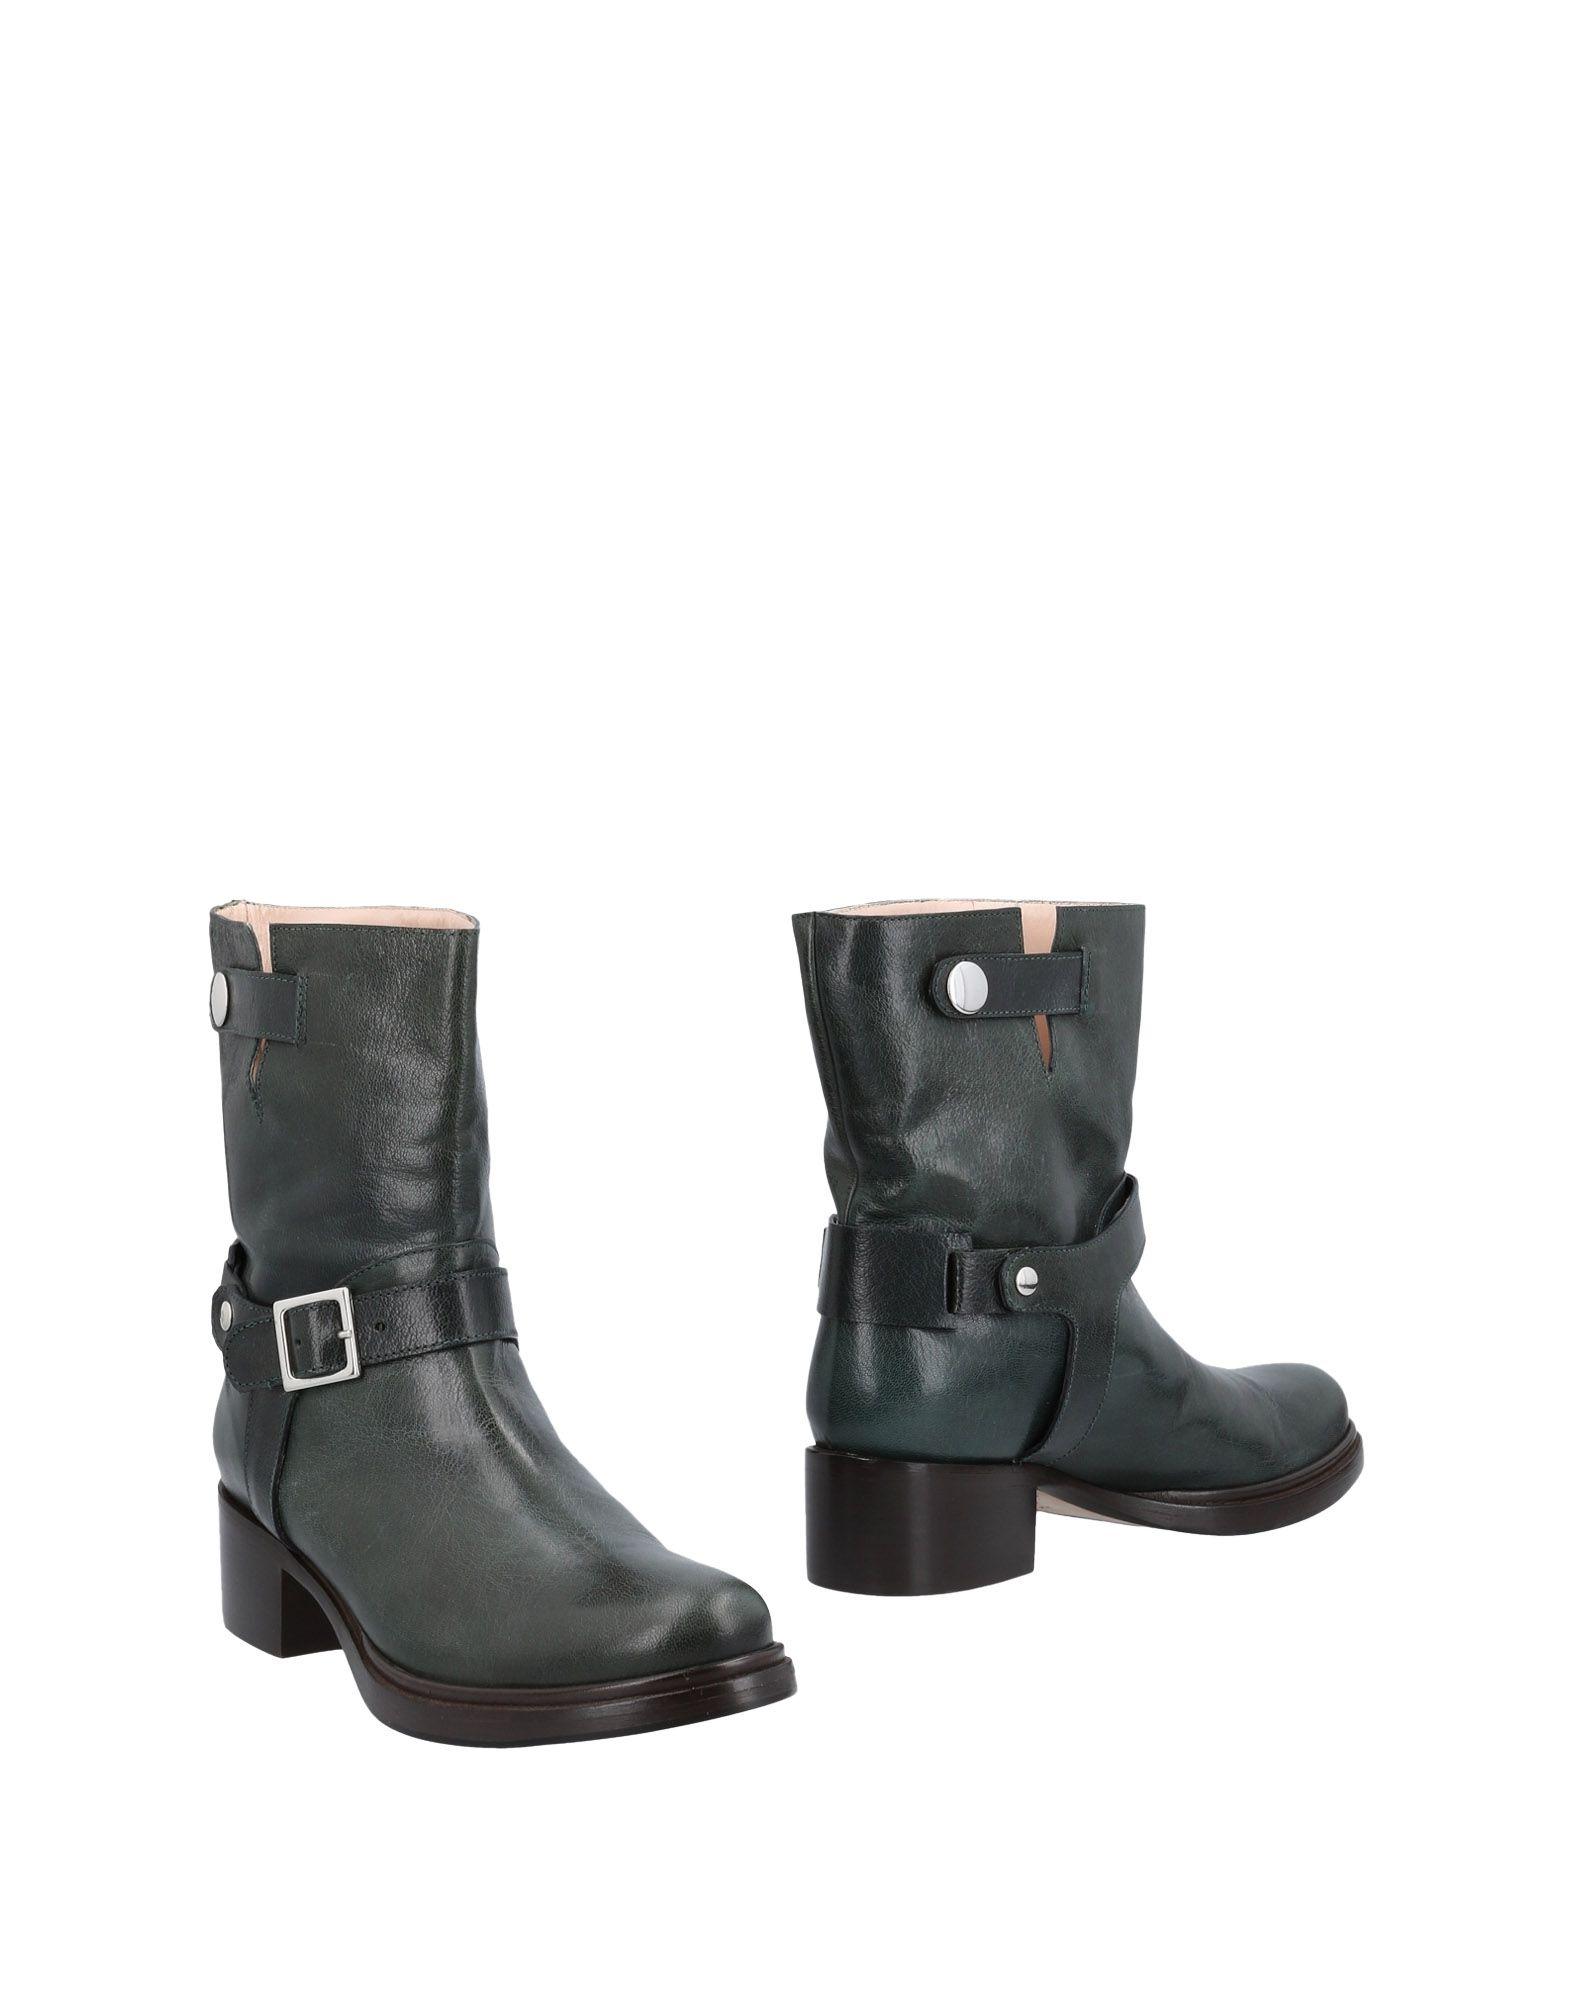 Moda Stivaletti Cavallini Donna Donna Cavallini - 11483643JO 847208